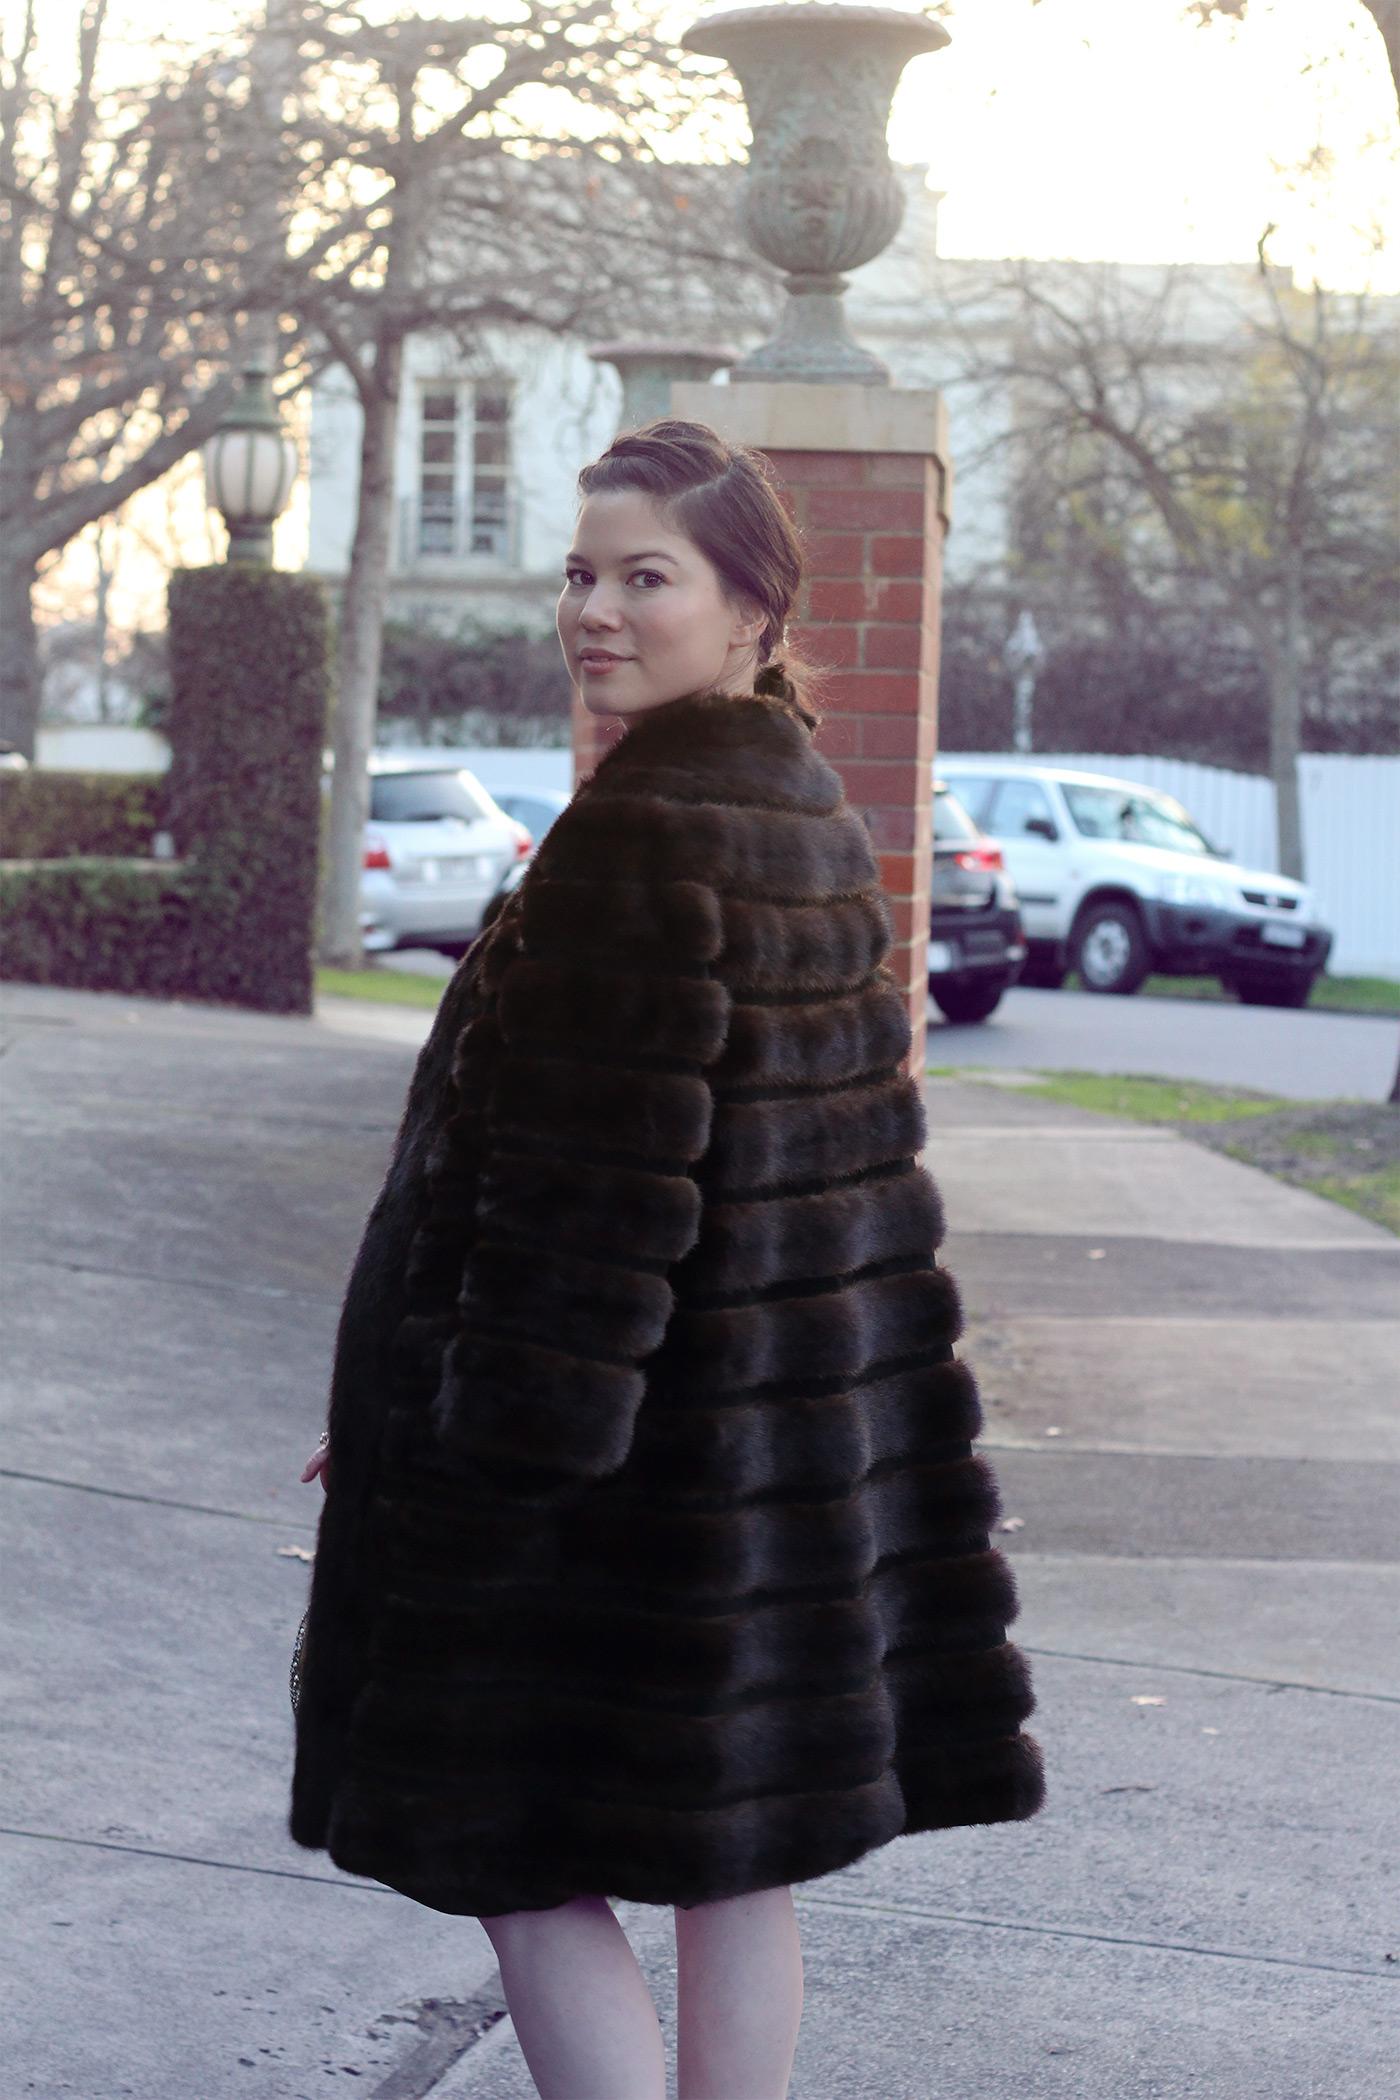 Grandmother 'Por Por's' vintage coat